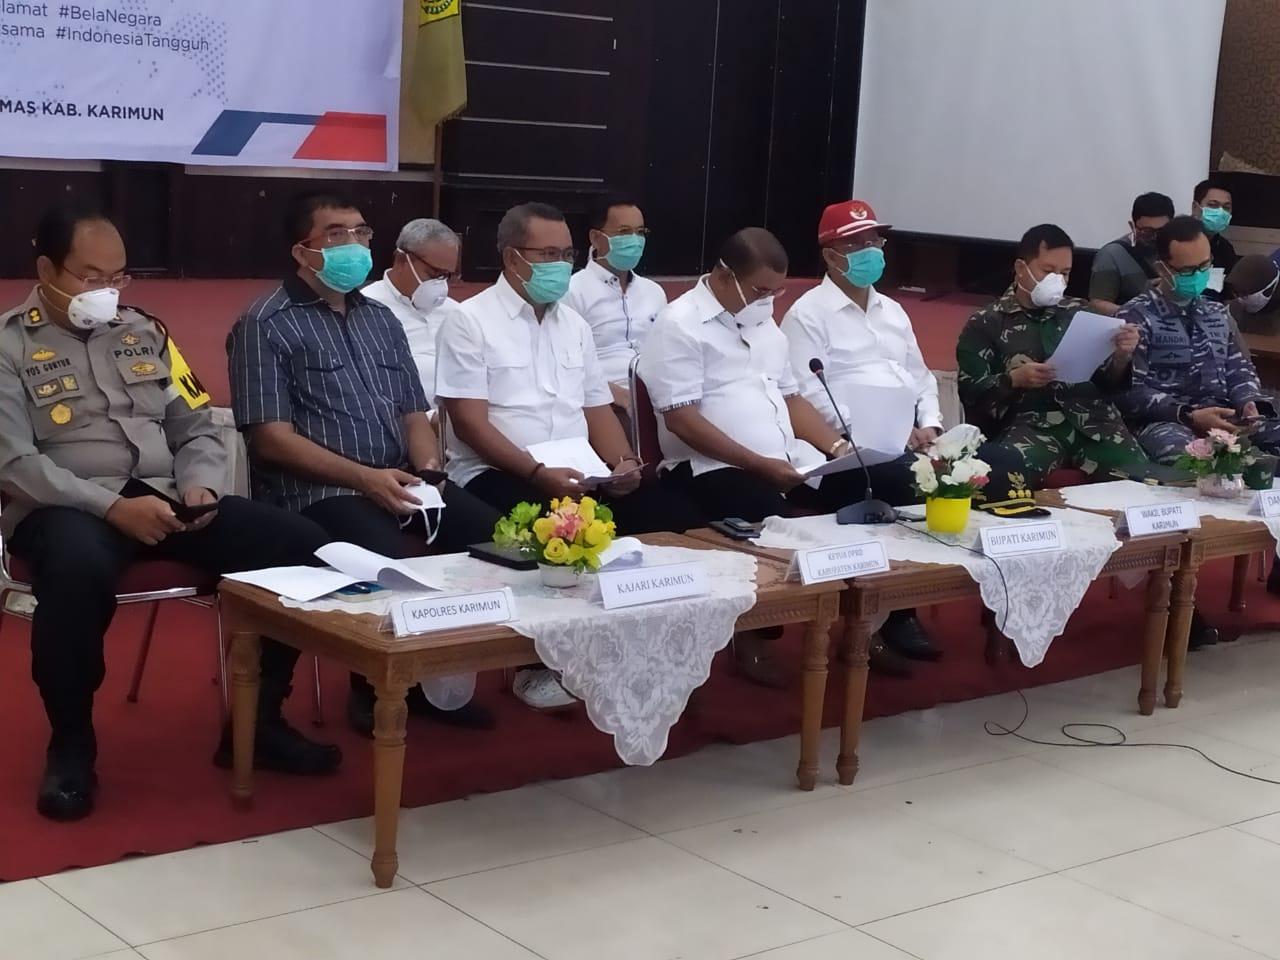 Ketua DPRD Karimun dan Bupati Karimun Vidcon Membahas Rapat Koordinasi Percepatan Penanganan Covid 19